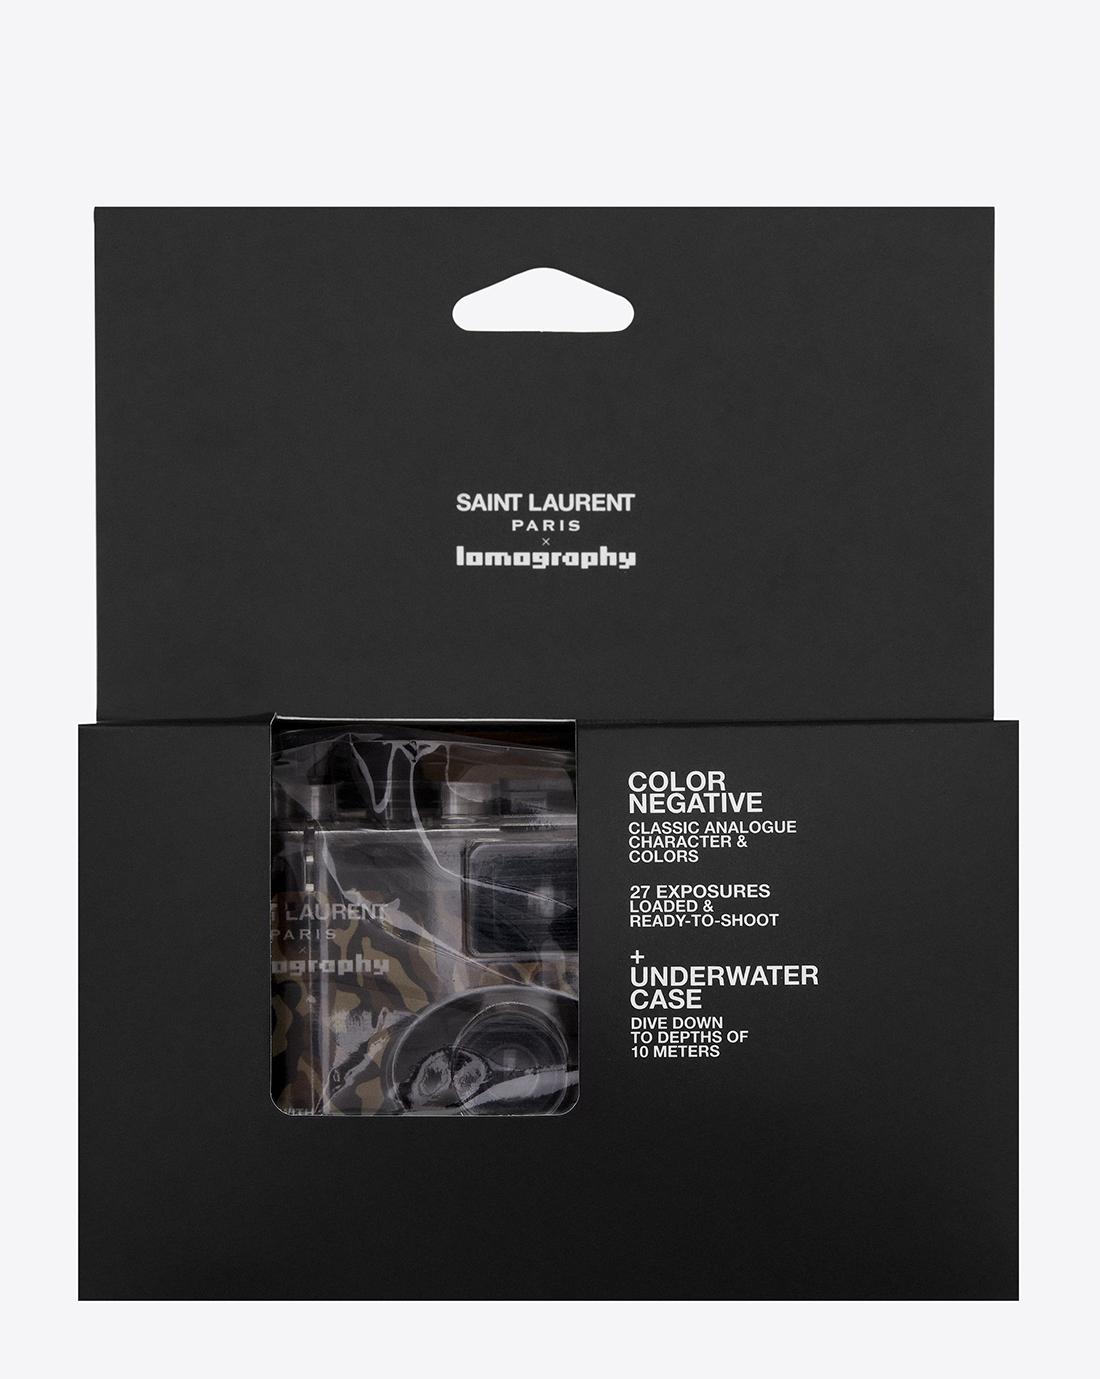 Saint Laurent x Lomography